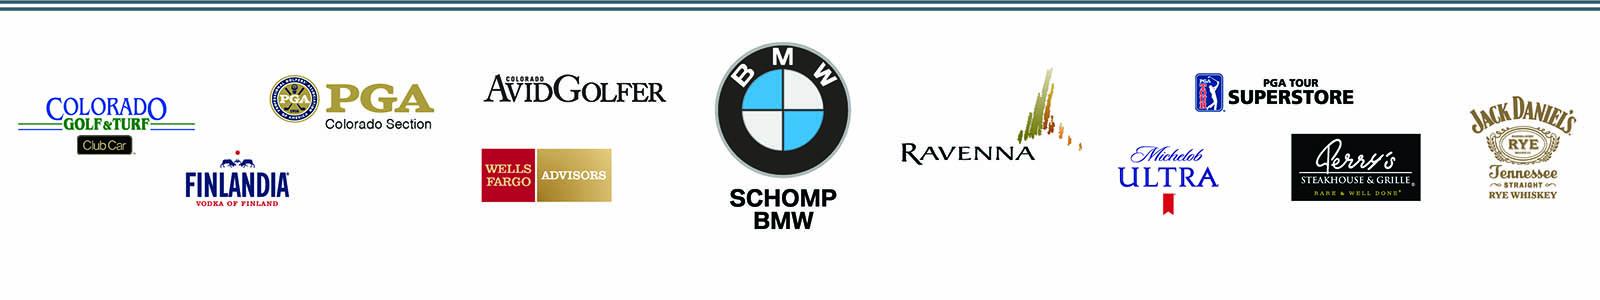 2019 Schomp BMW Cup Sponsor Banner